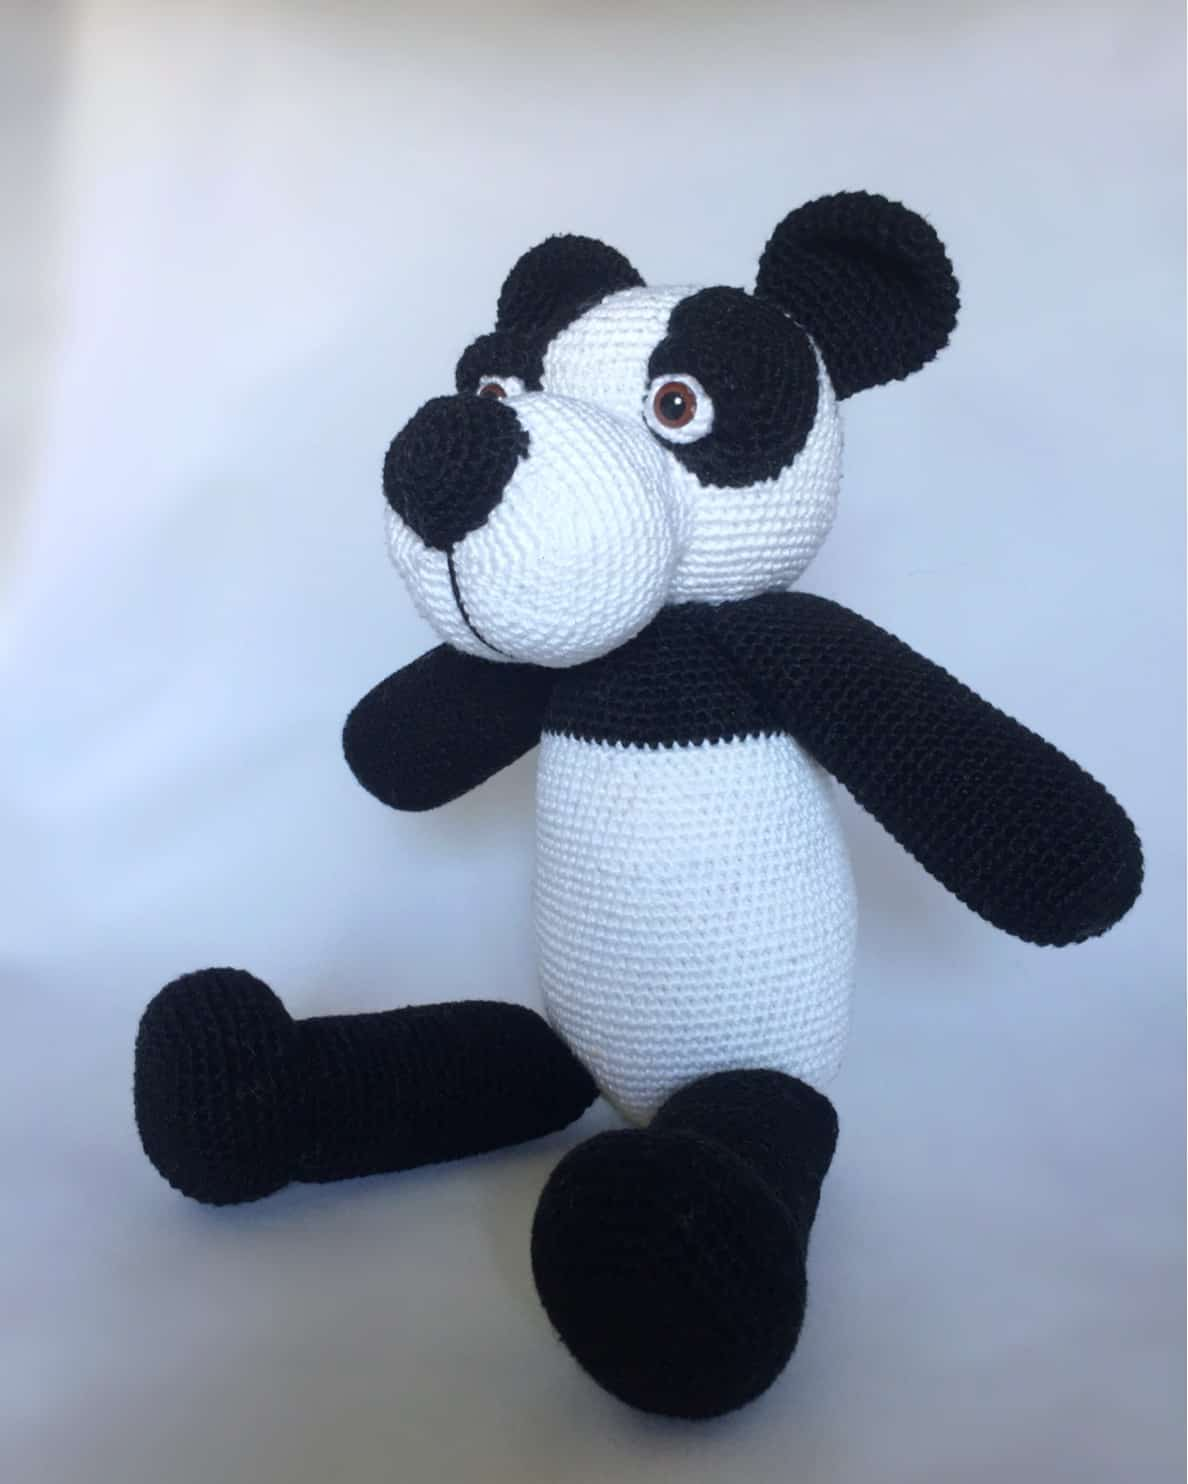 Haakpatroon Panda Design By Alinies